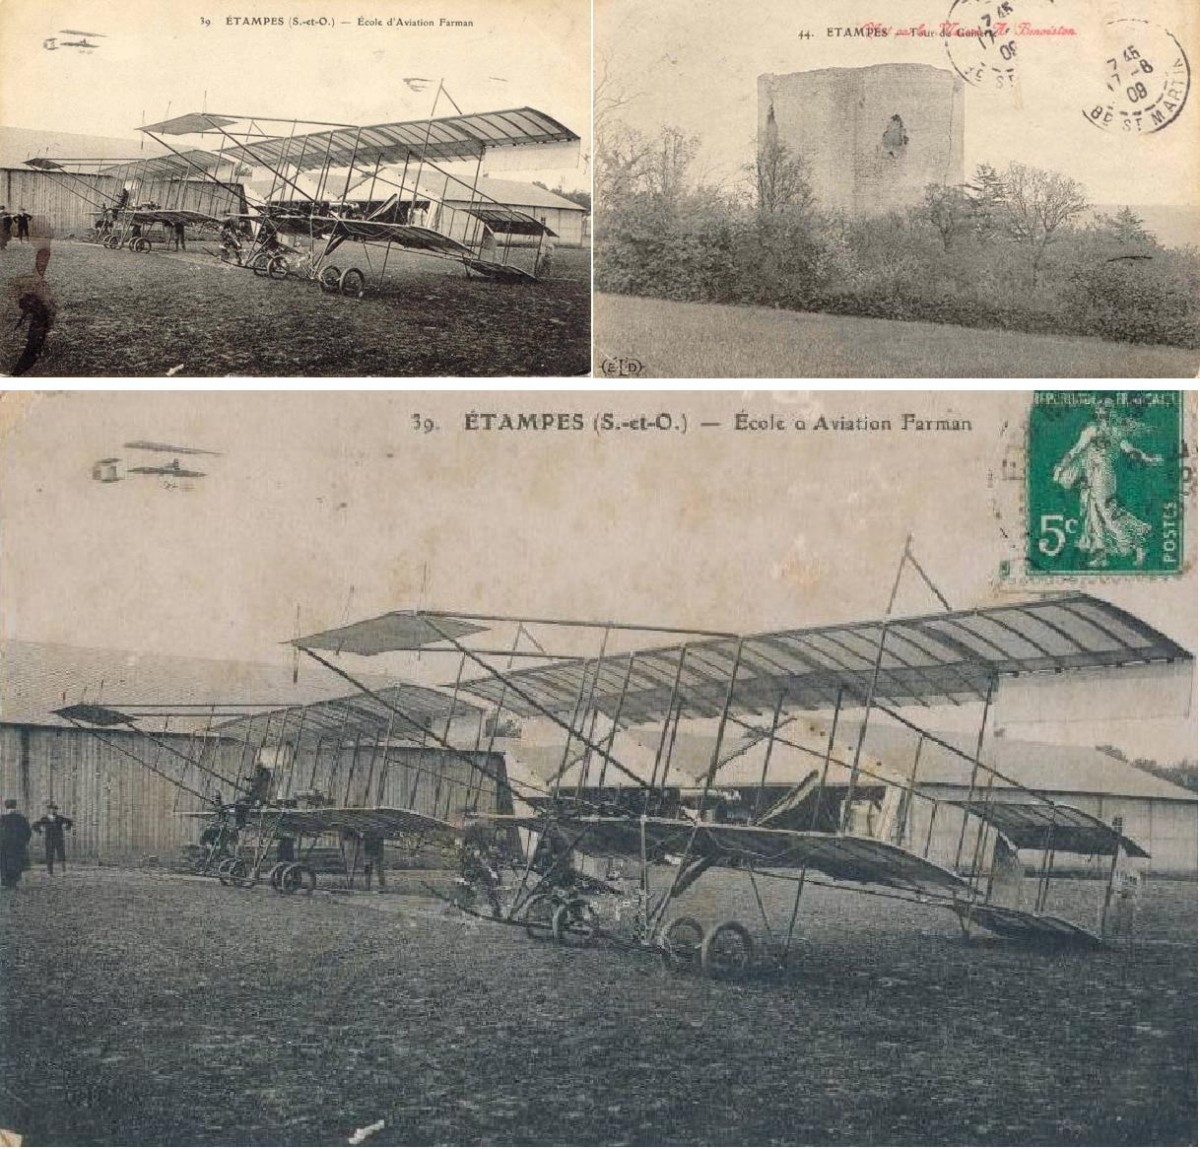 Французские самолеты начала 20 века